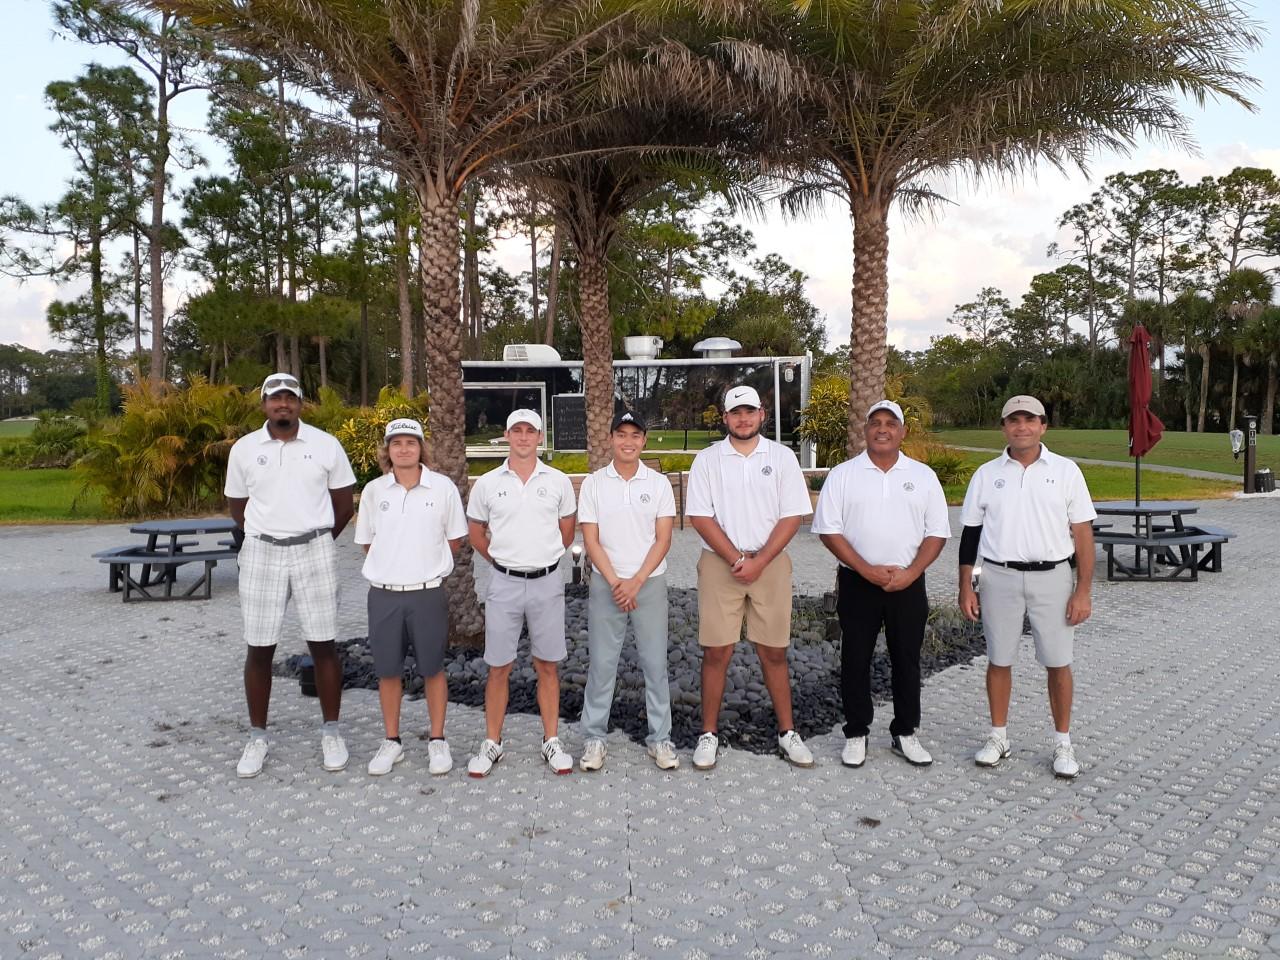 NCCGA SandHill Crane Team Photo 10 17 20